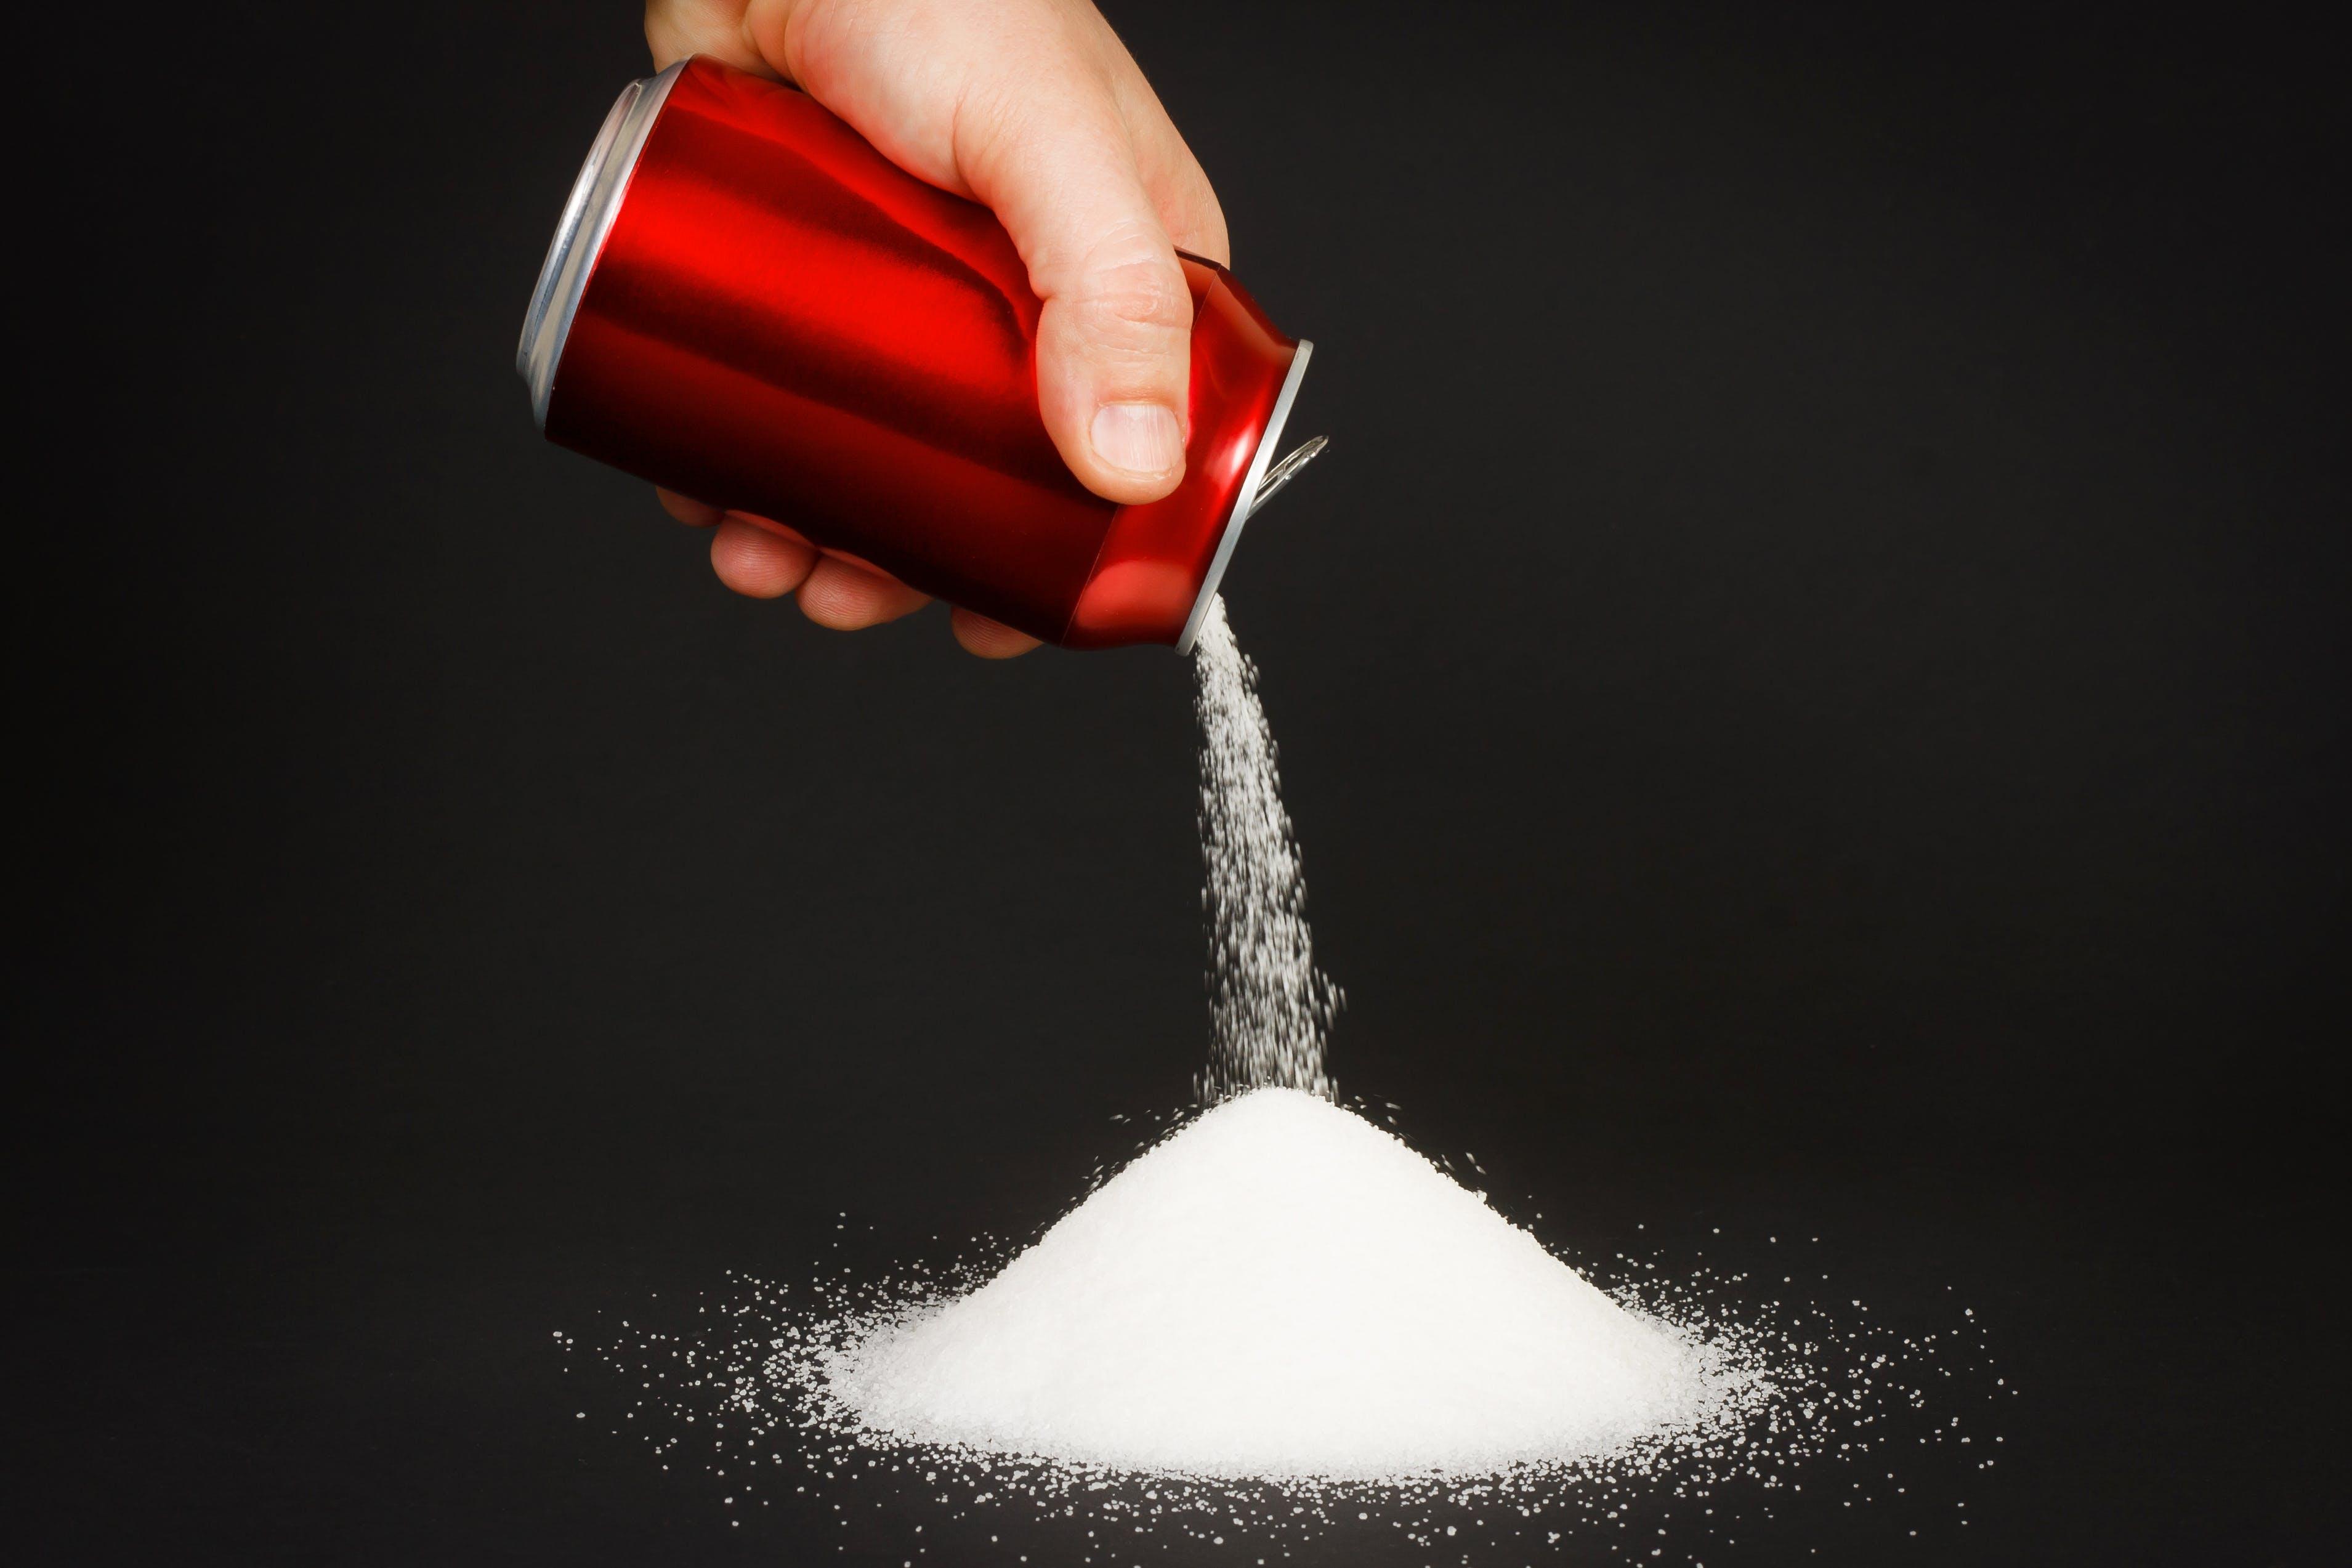 Ja – sockerskatt begränsar konsumtion av skräpmat